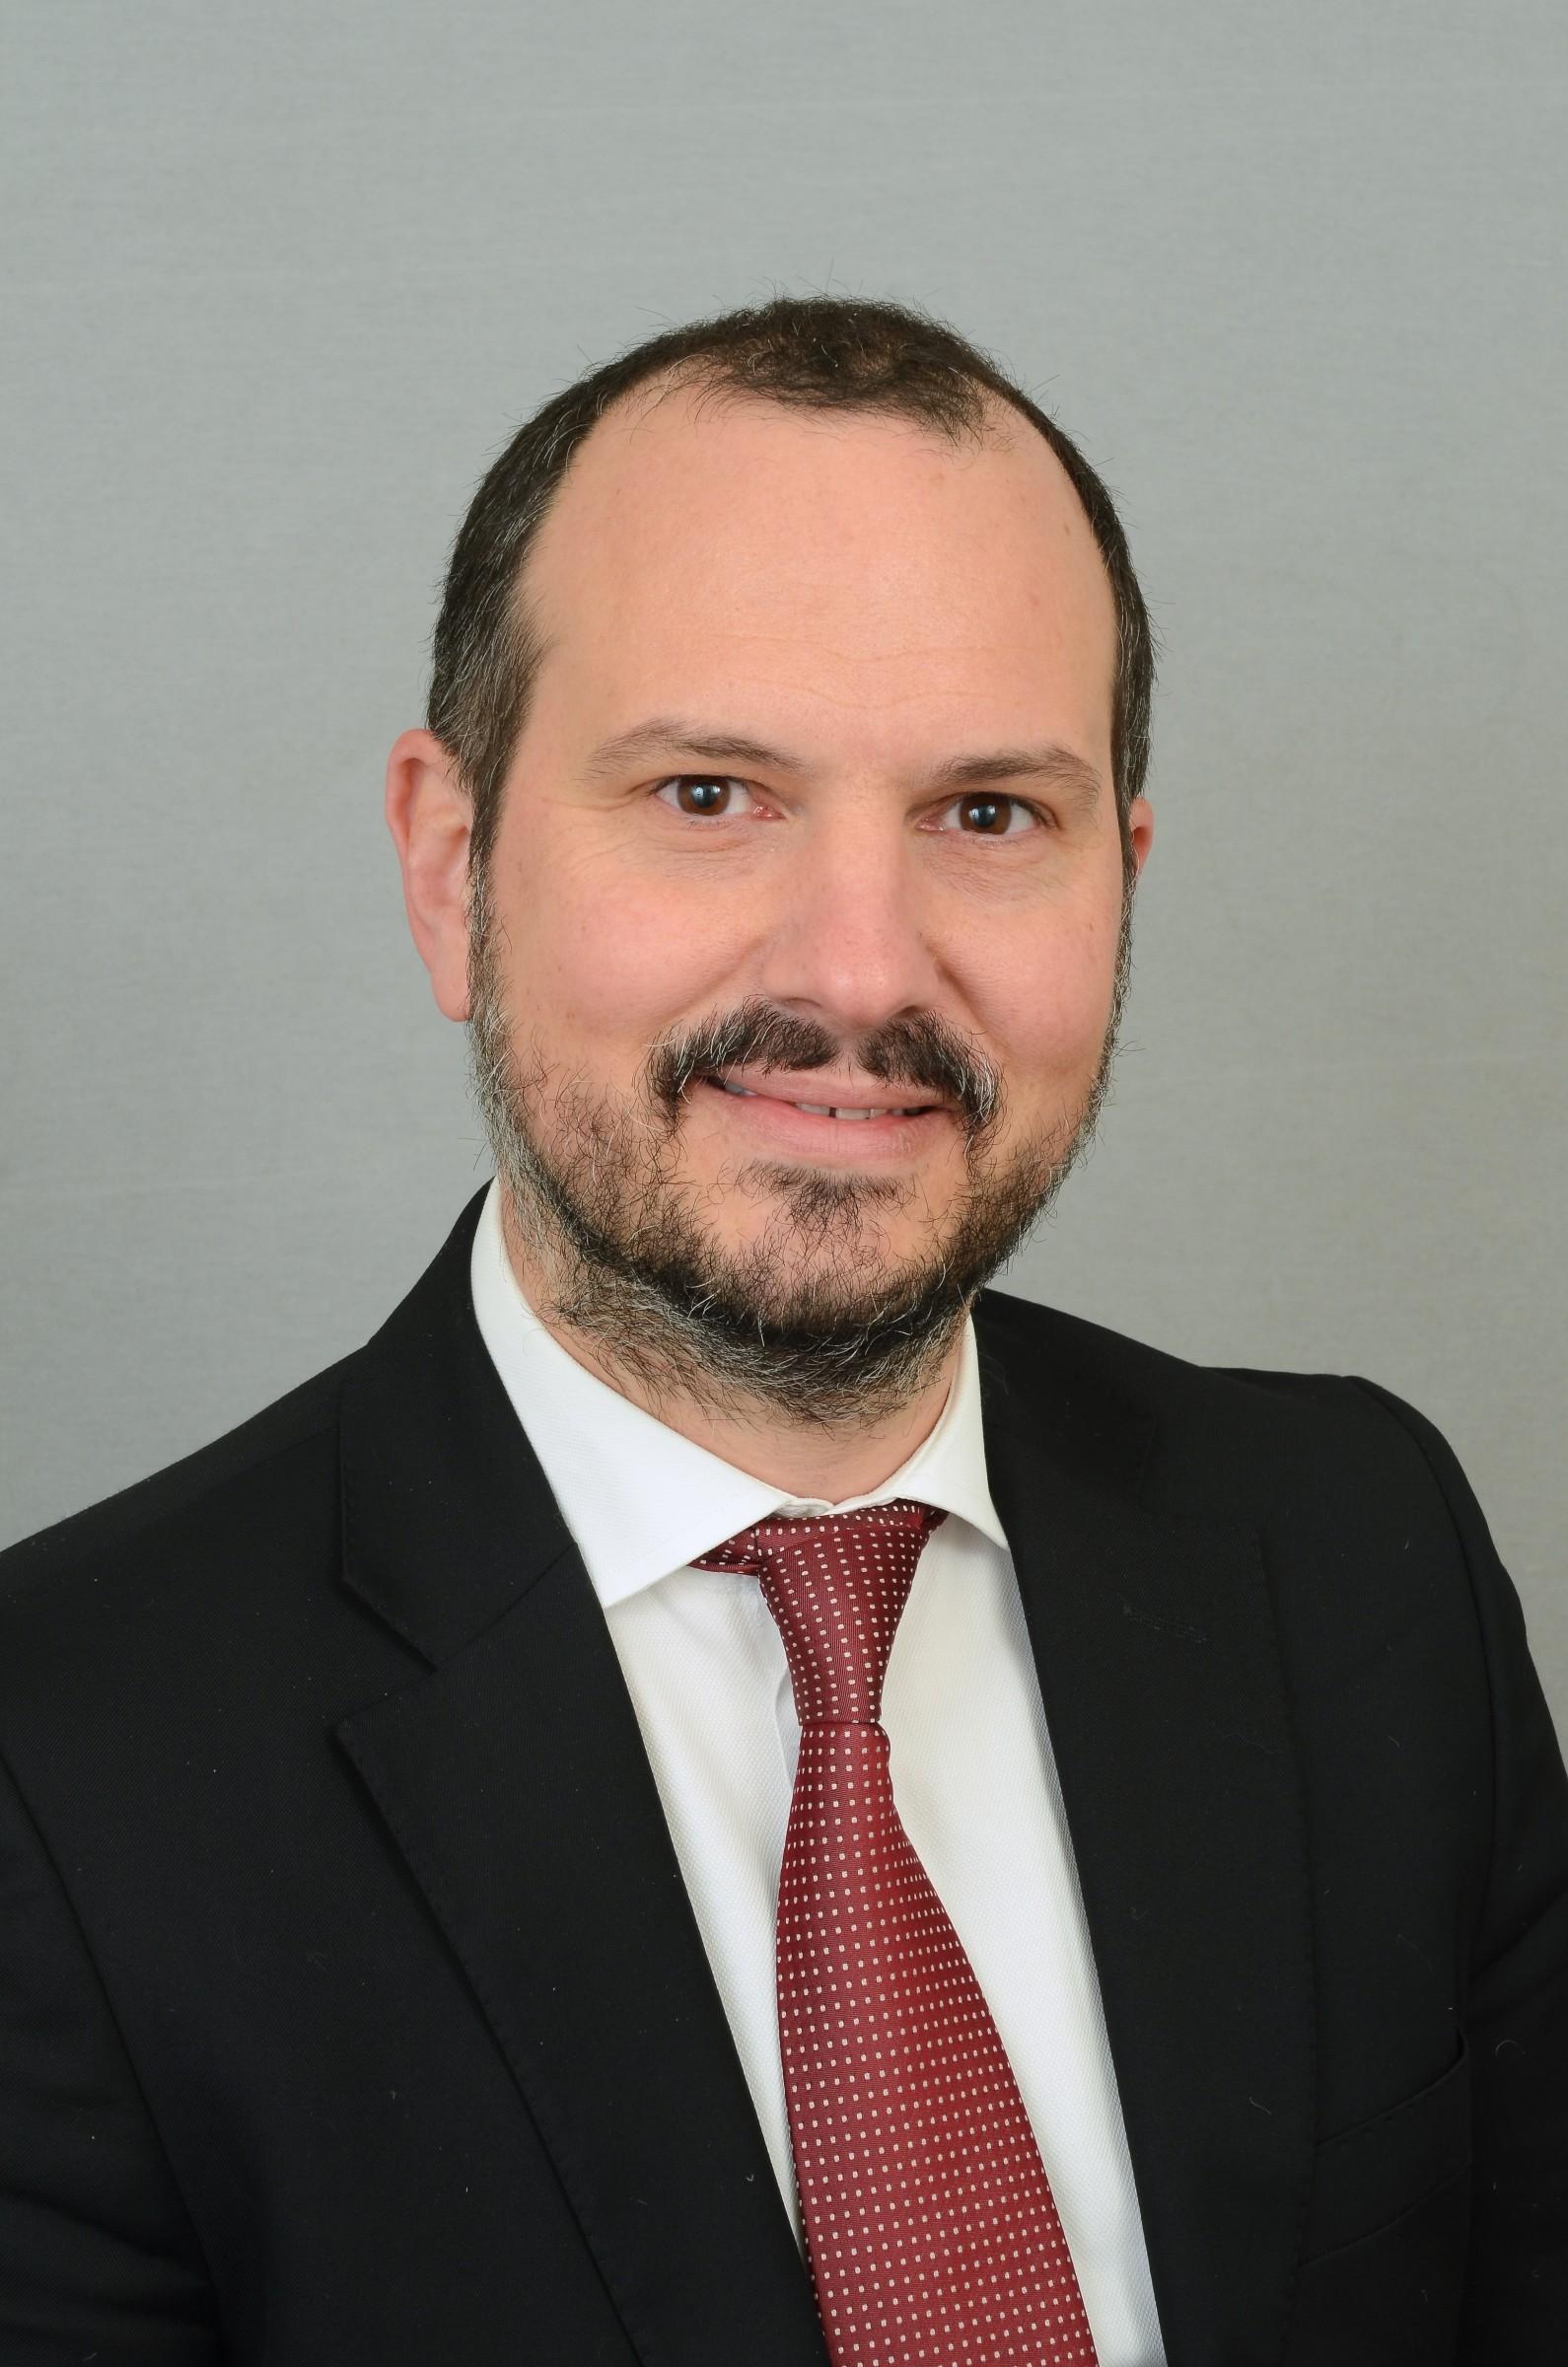 Mr.David Cavin, PhD